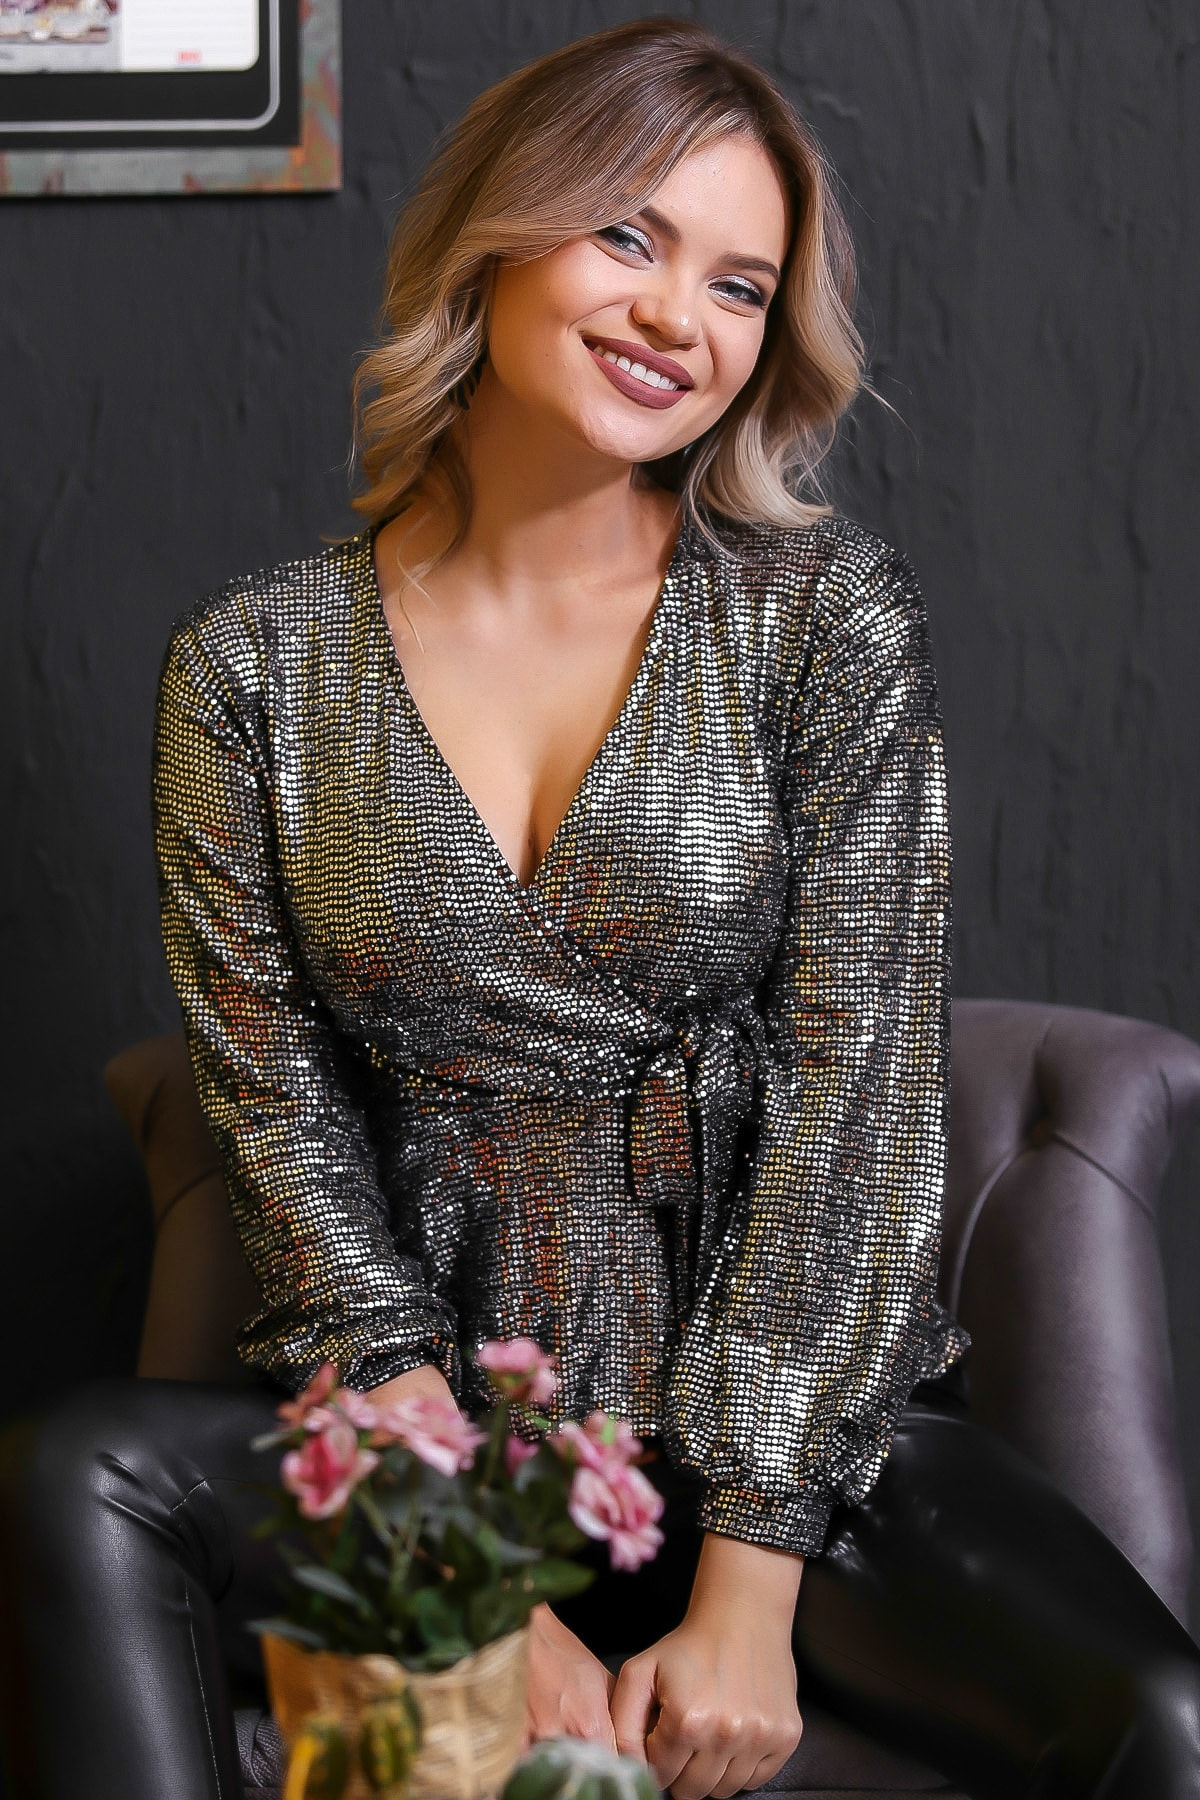 Chiccy Kadın Gümüş Bağlama Detaylı Işıltılı Bluz M10010200BL95672 1